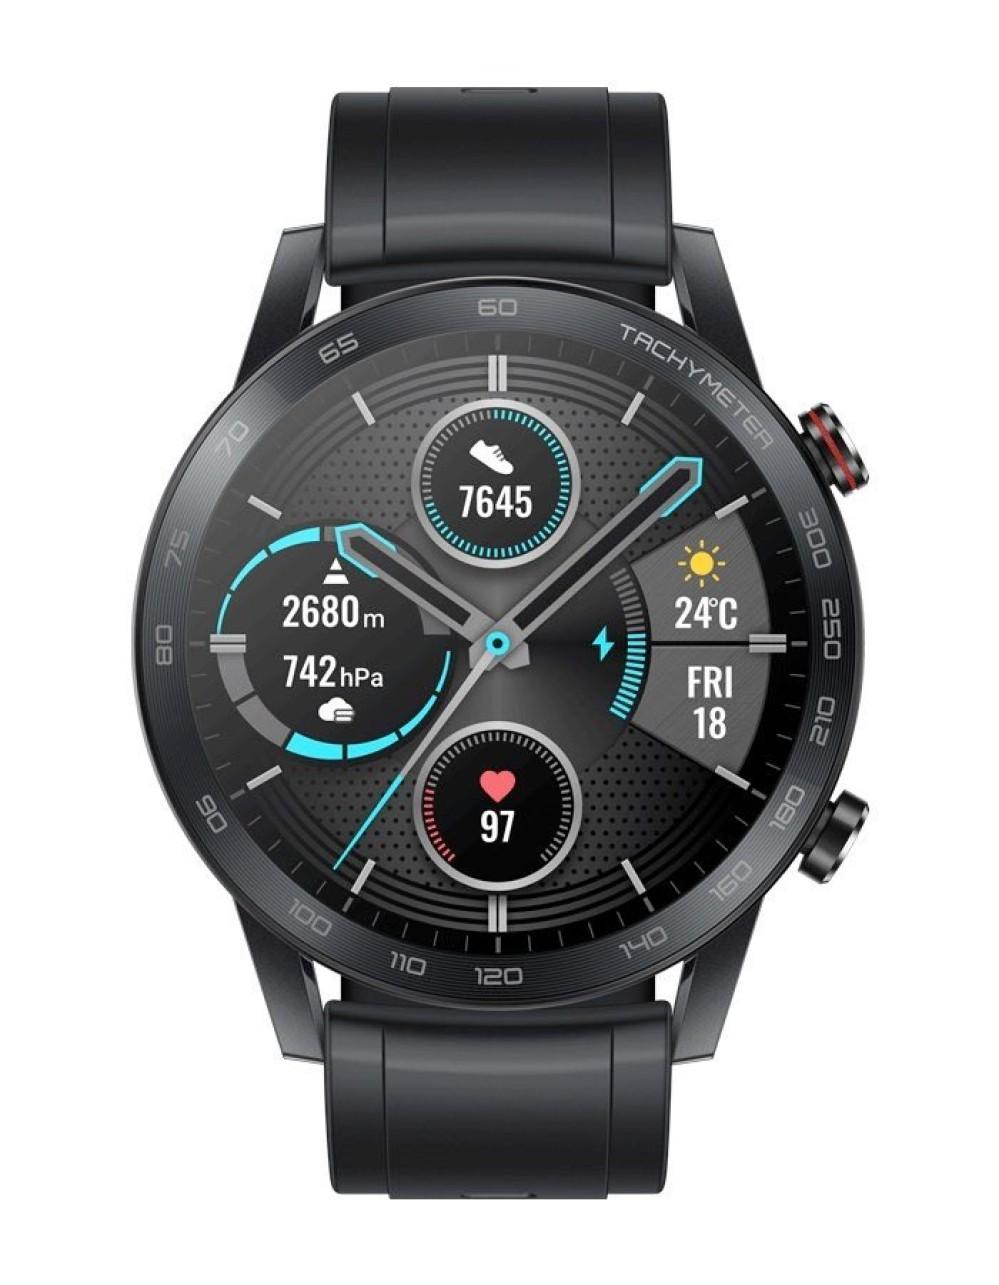 HONOR Magic Watch 2: Βραβείο Best of CES 2020 για το smartwatch της εταιρείας